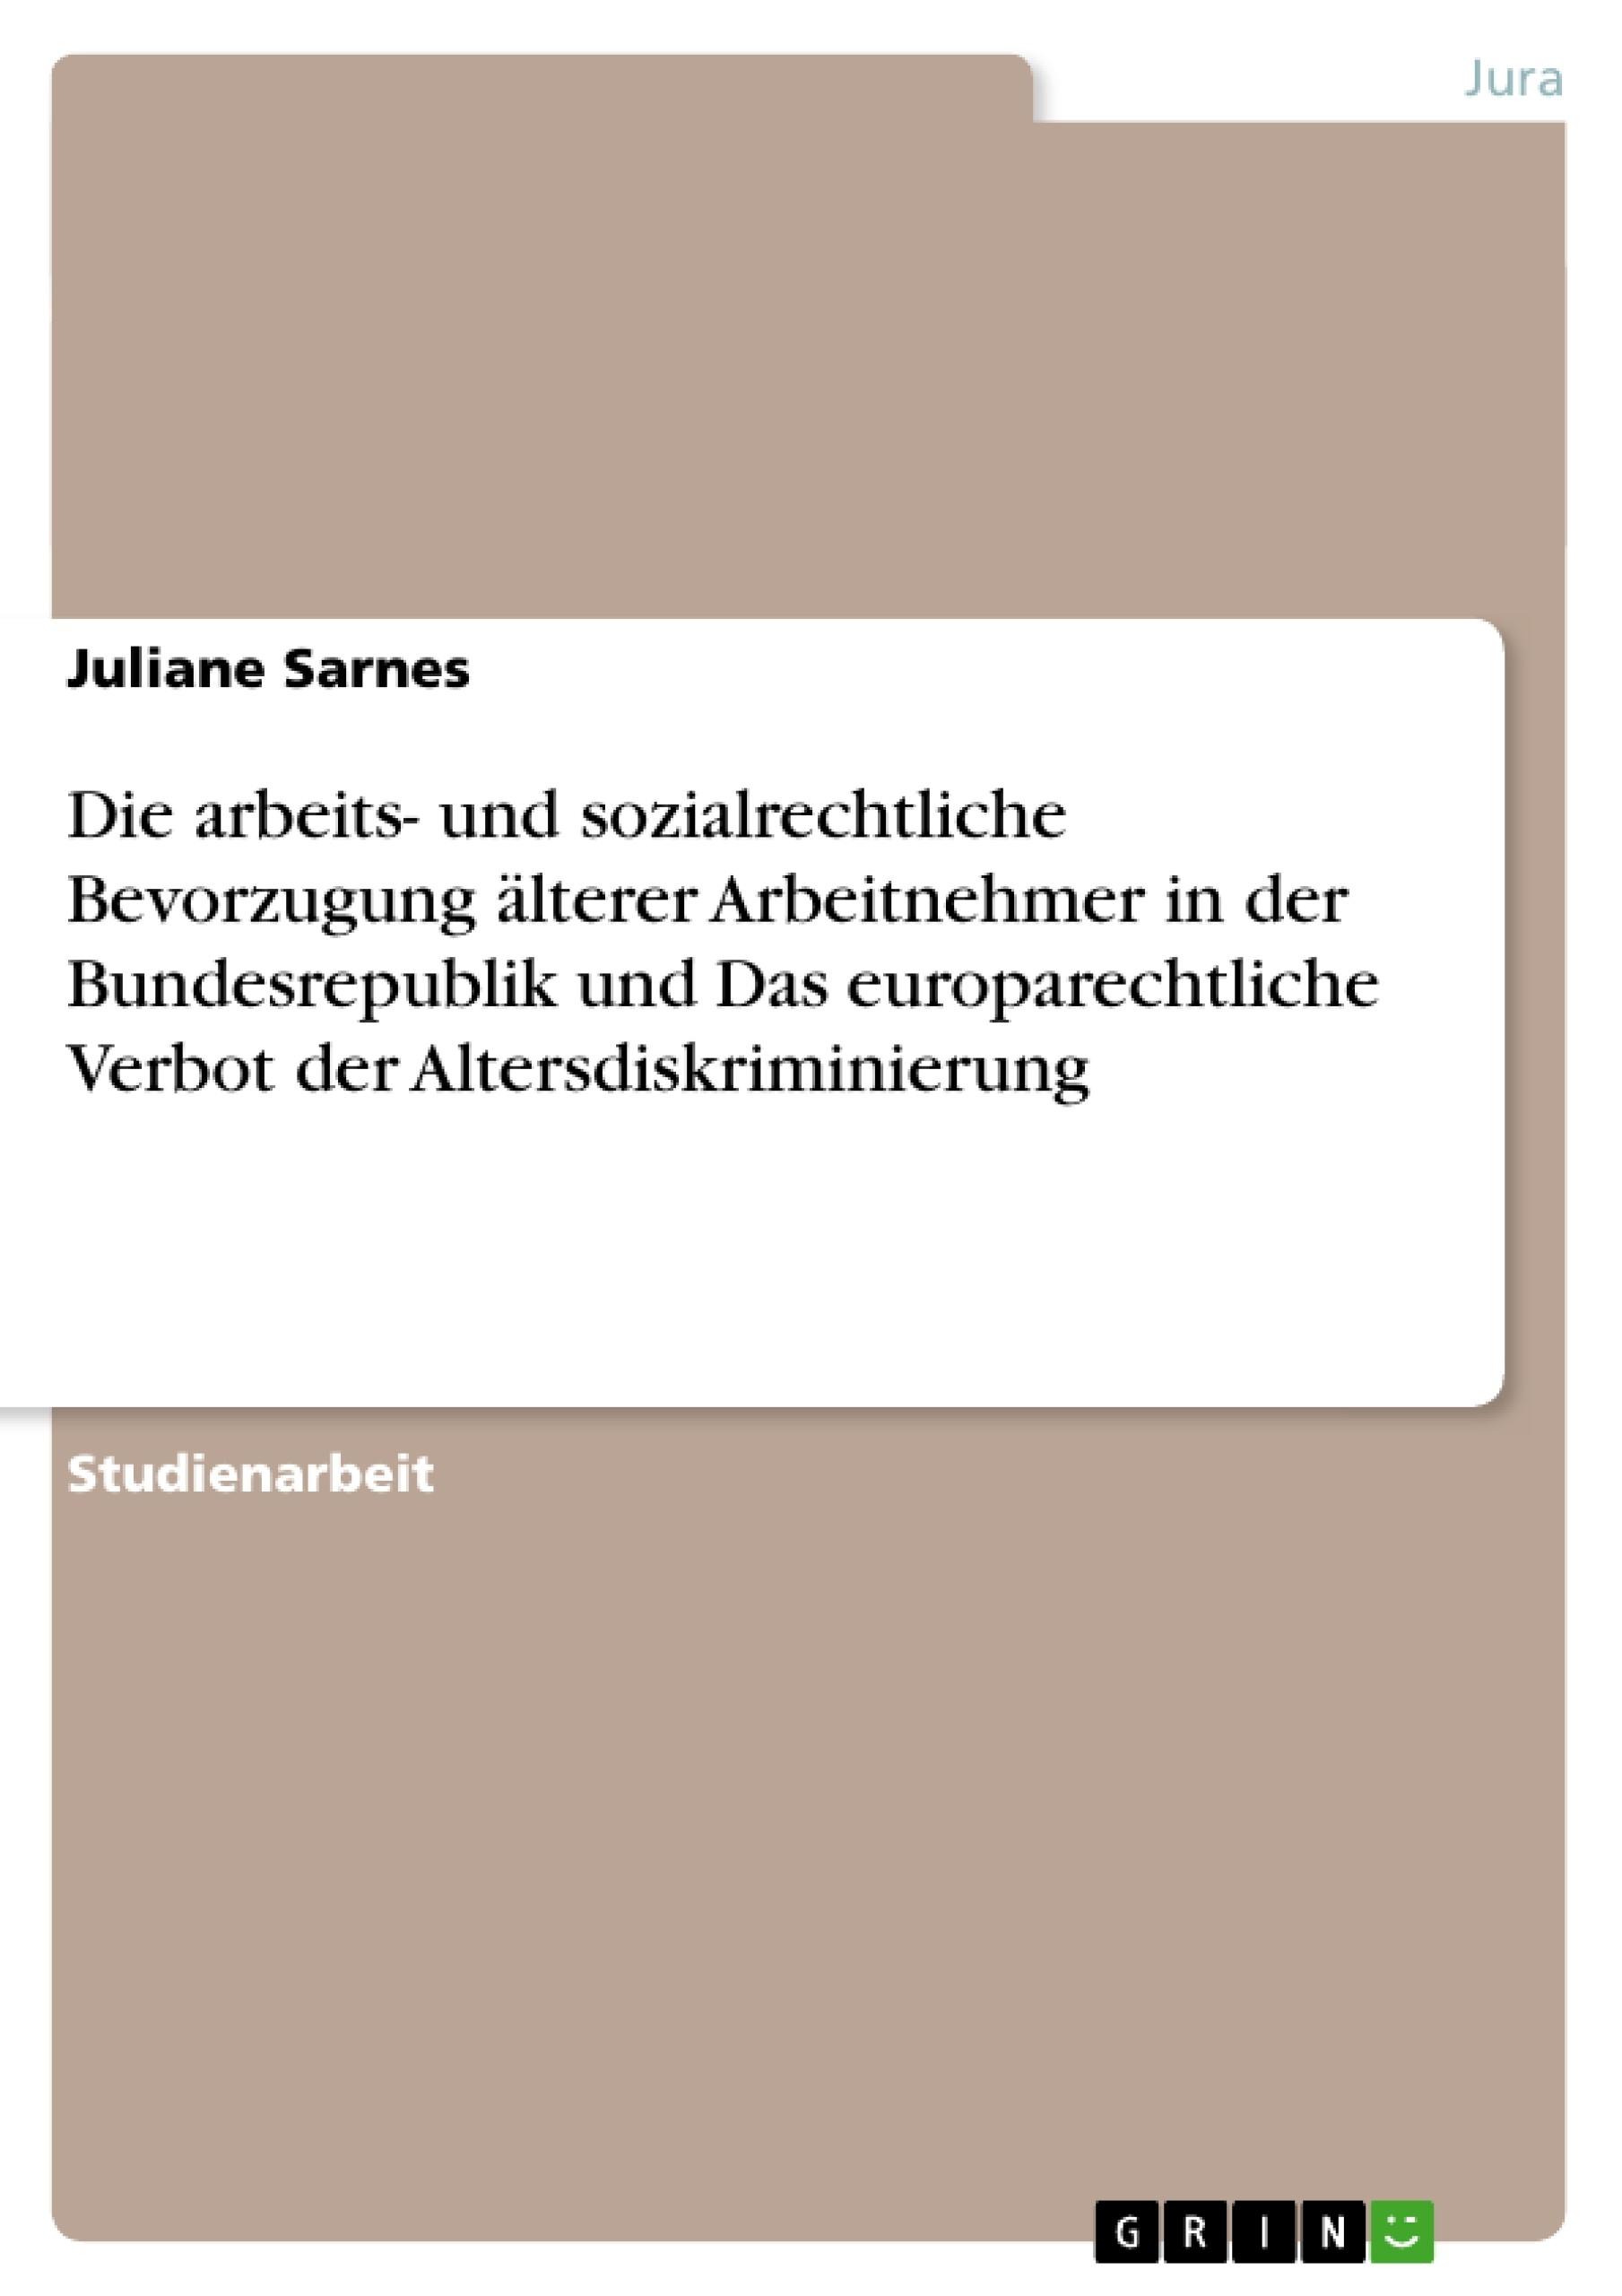 Titel: Die arbeits- und sozialrechtliche Bevorzugung älterer Arbeitnehmer in der Bundesrepublik und Das europarechtliche Verbot der Altersdiskriminierung